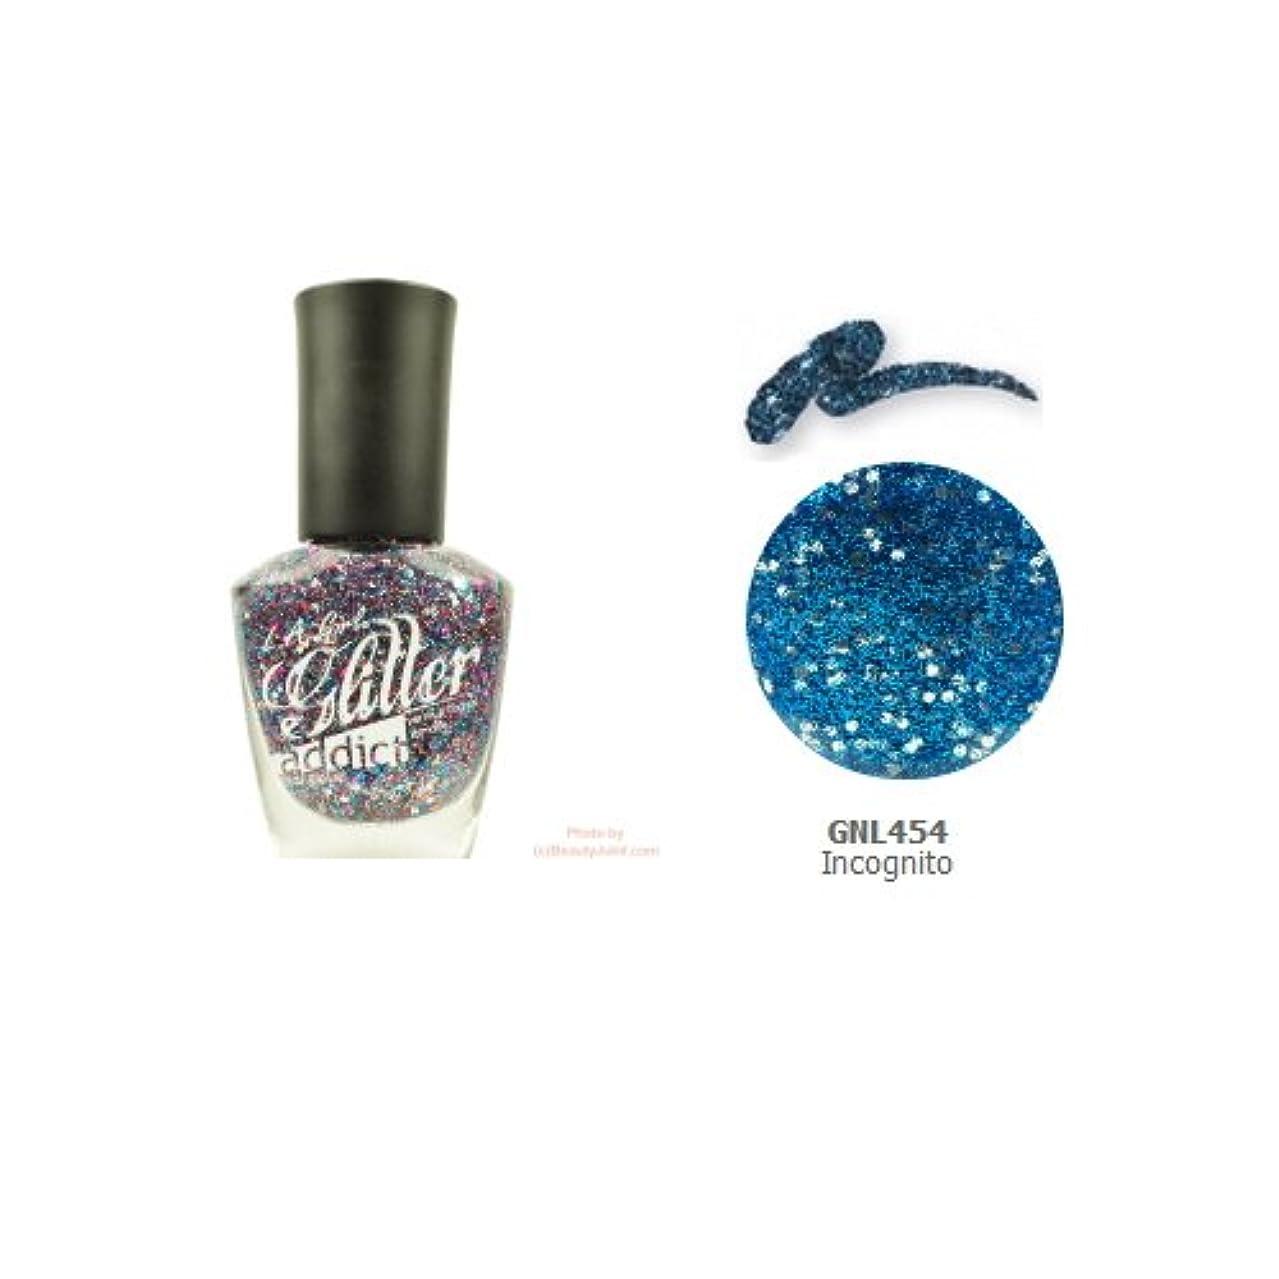 取り消す横たわる面白い(6 Pack) LA GIRL Glitter Addict Polish - Incognito (並行輸入品)